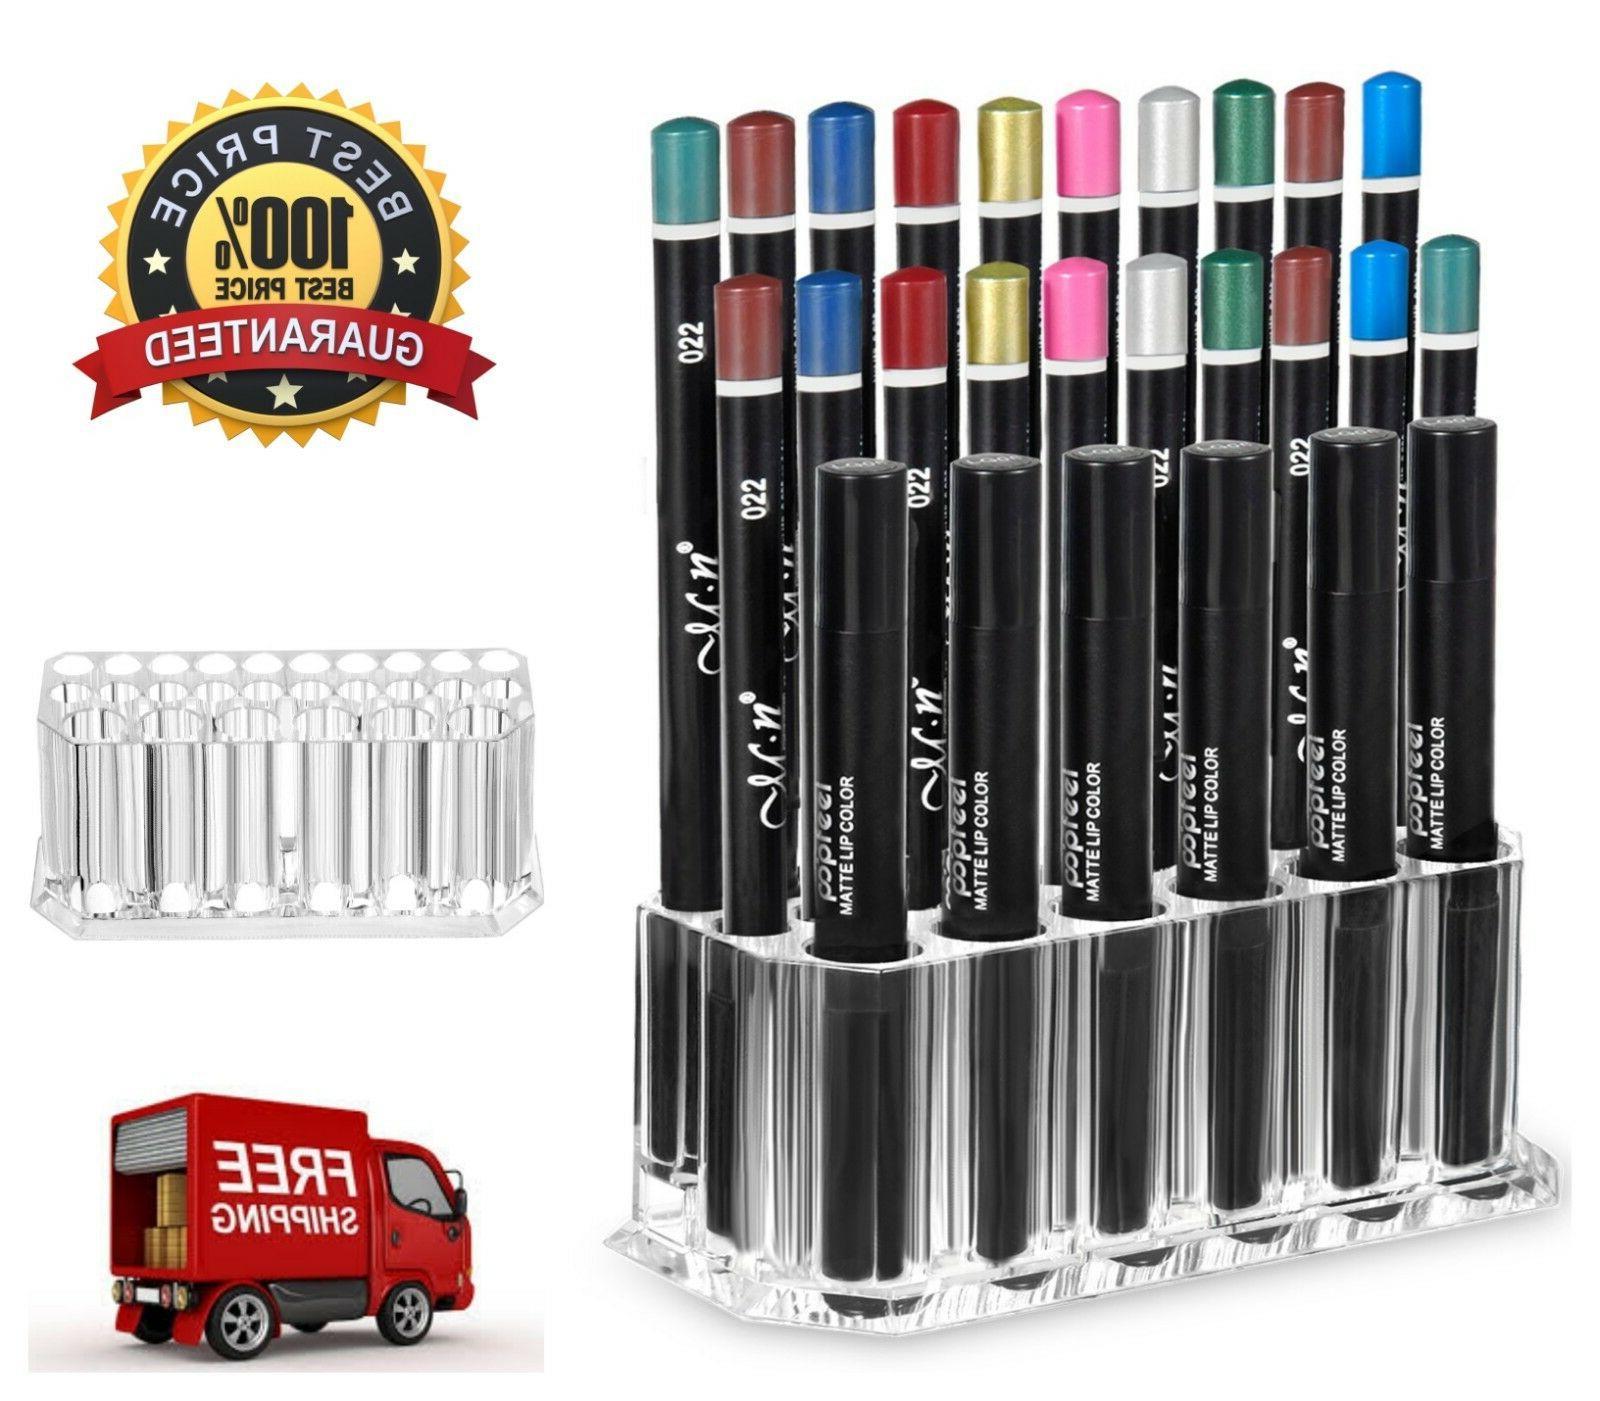 26 Slot Makeup Eyeliner Lip Liner Holder Organizer Storage D